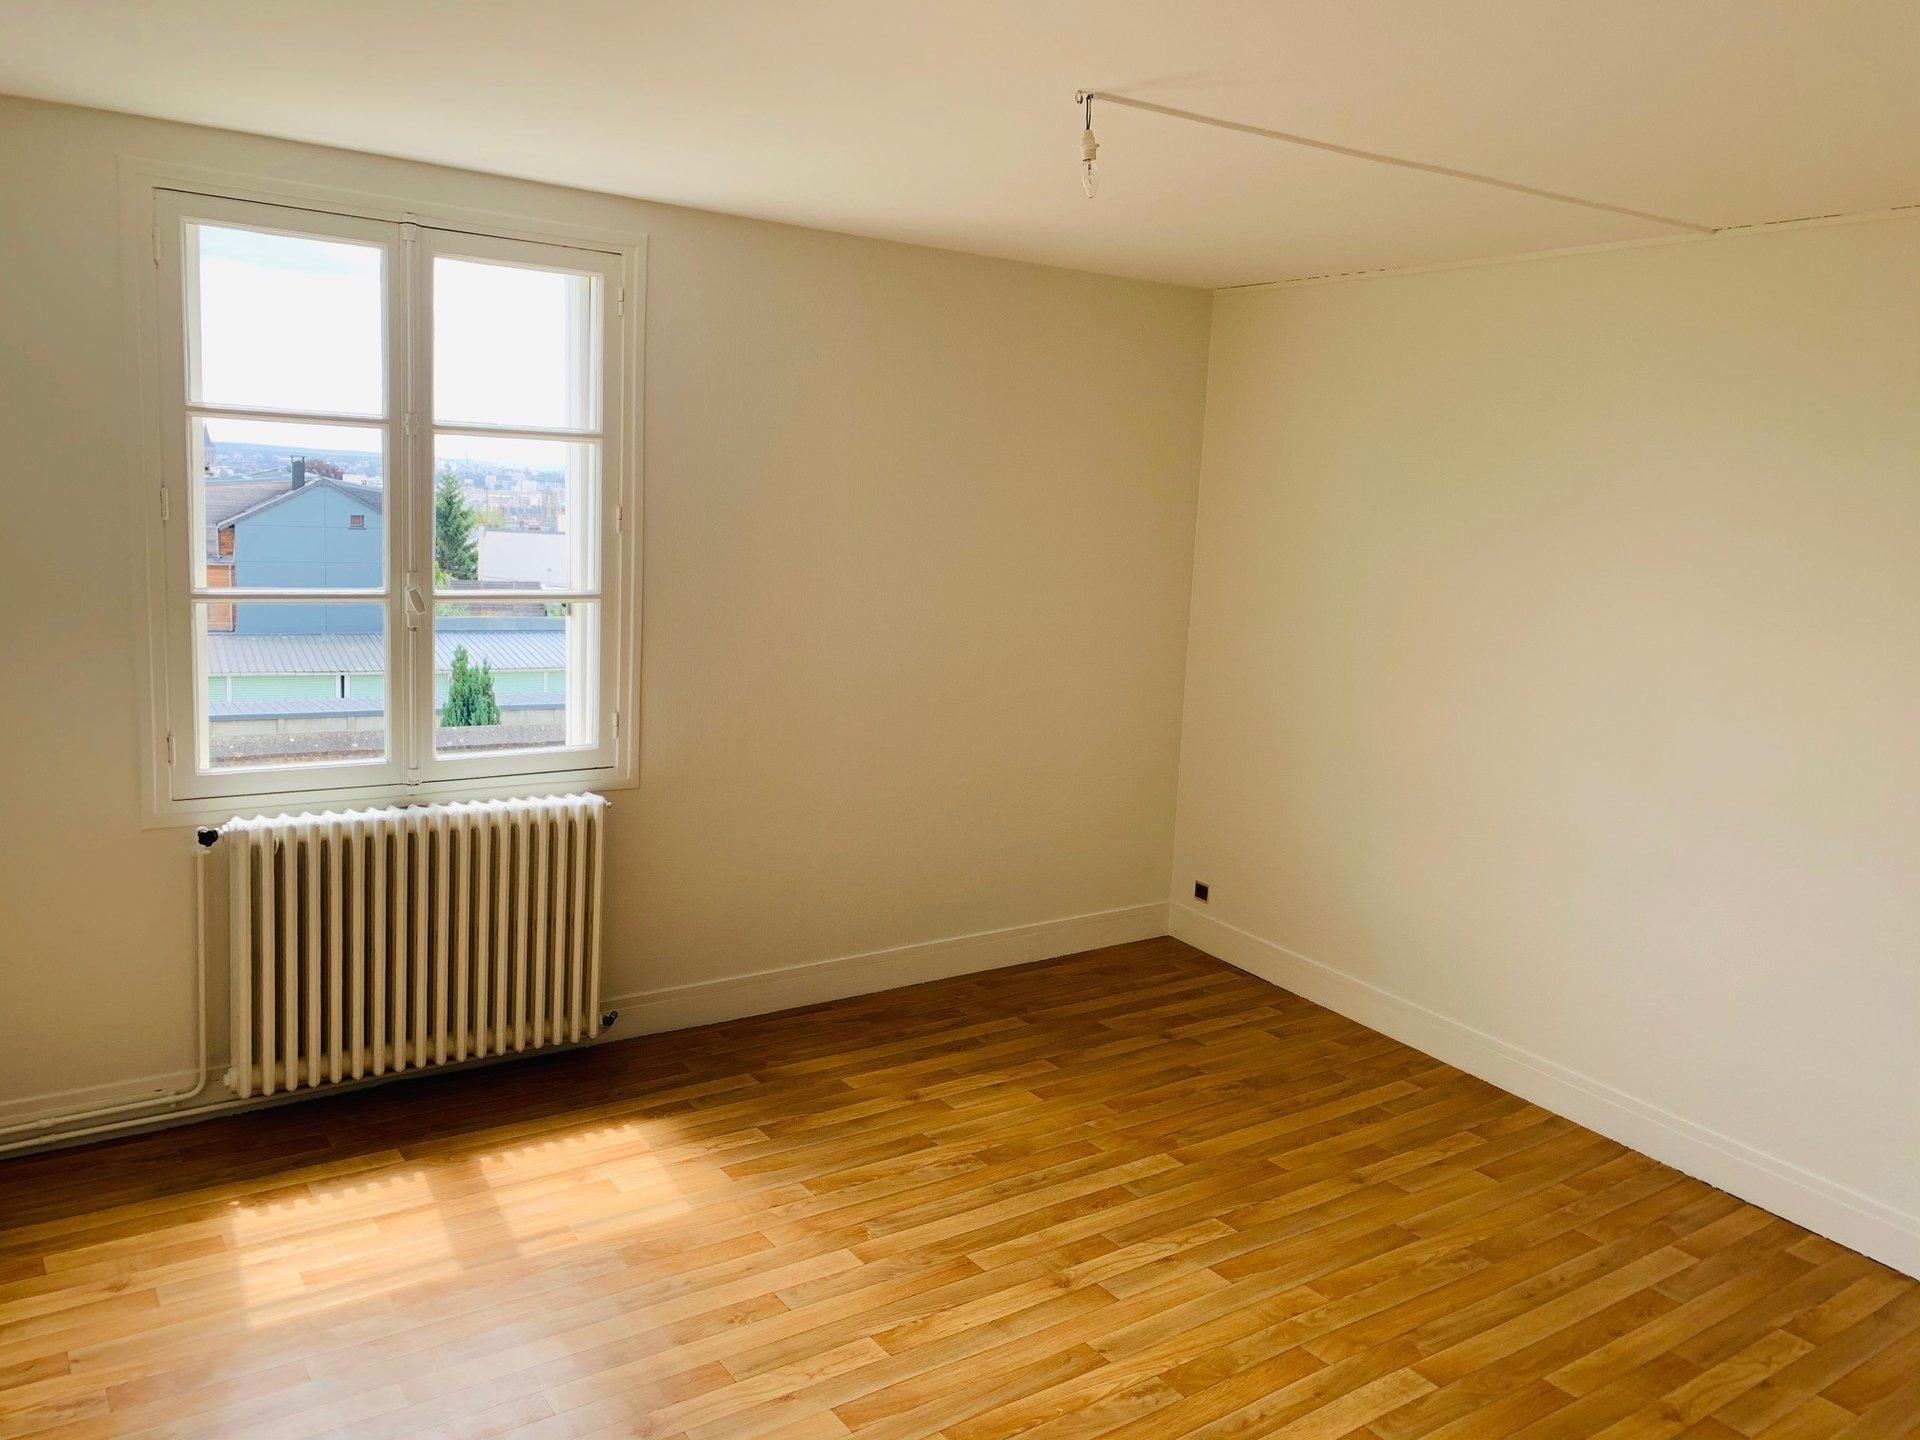 Appartement sur Rouen Jouvenet proche des commerces